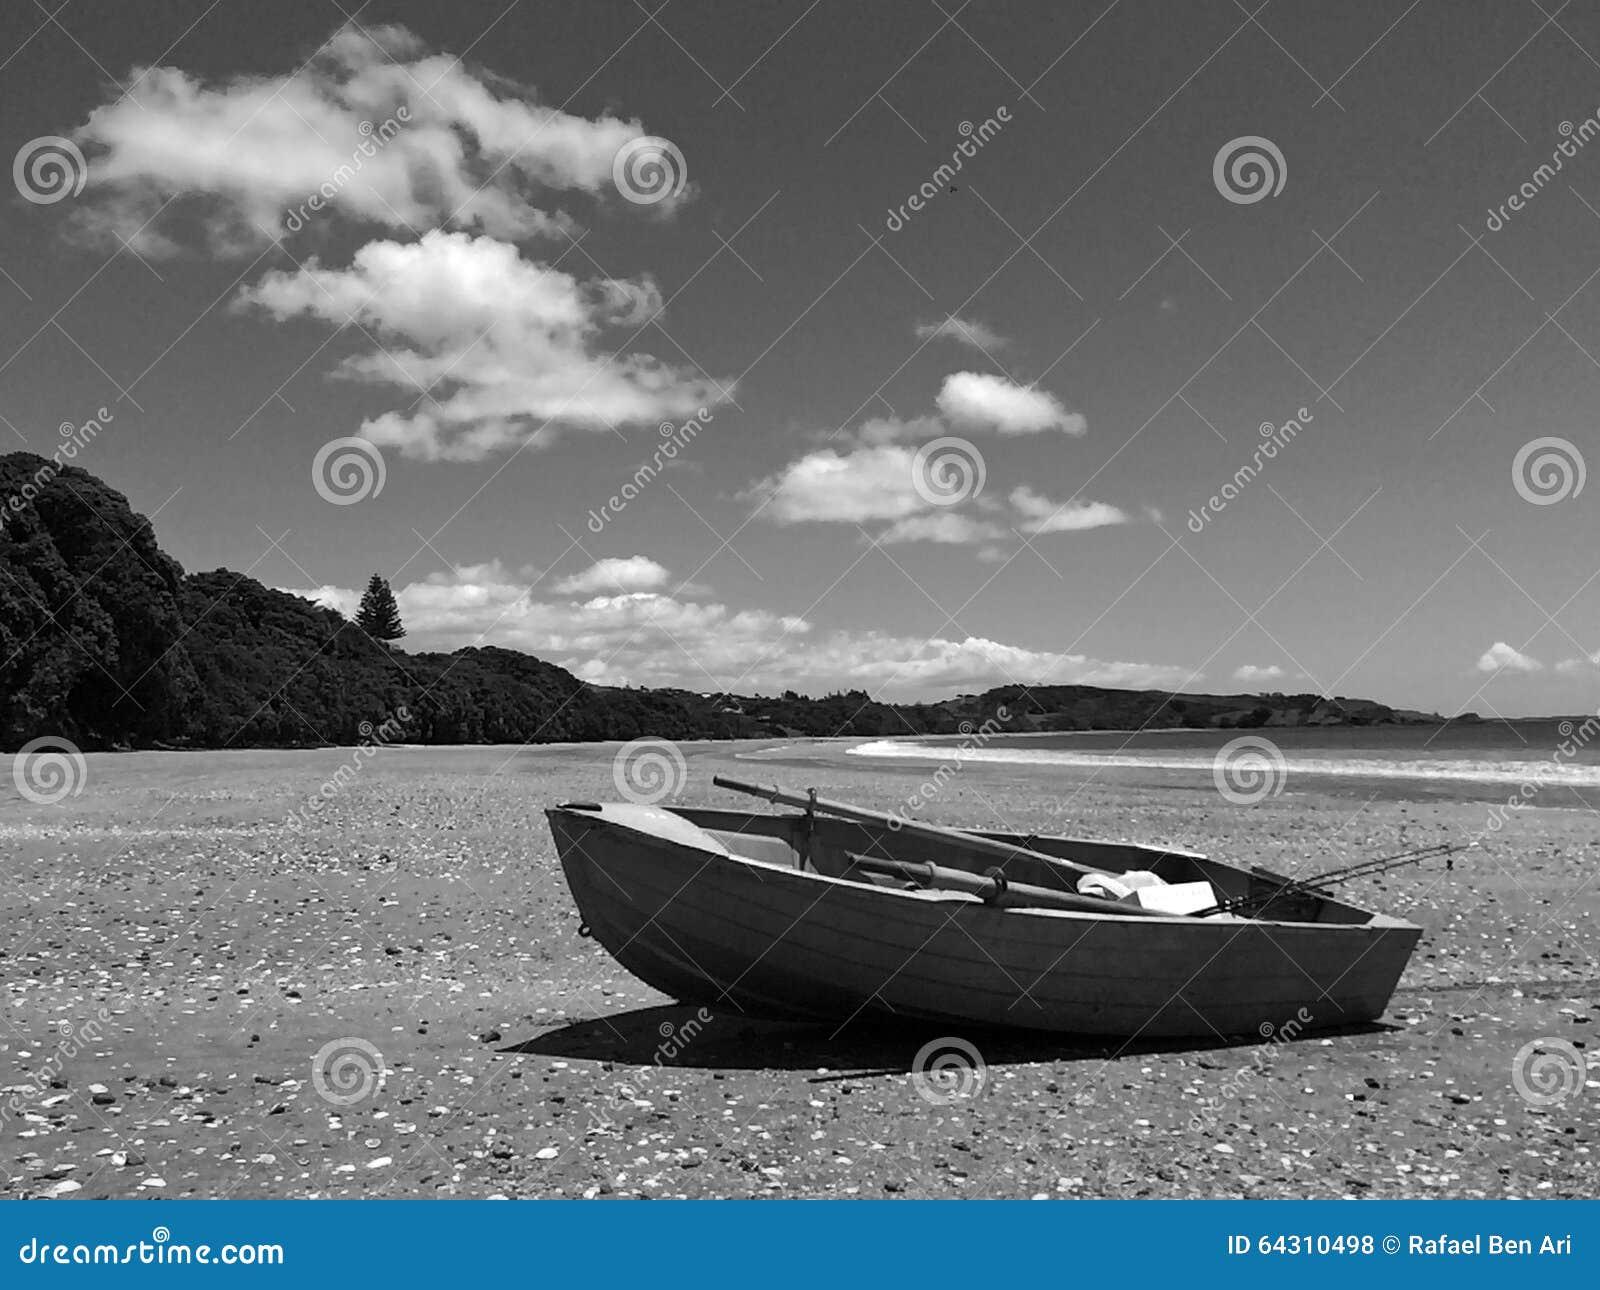 El barco de pesca en una playa arenosa durante vacaciones de verano vacation